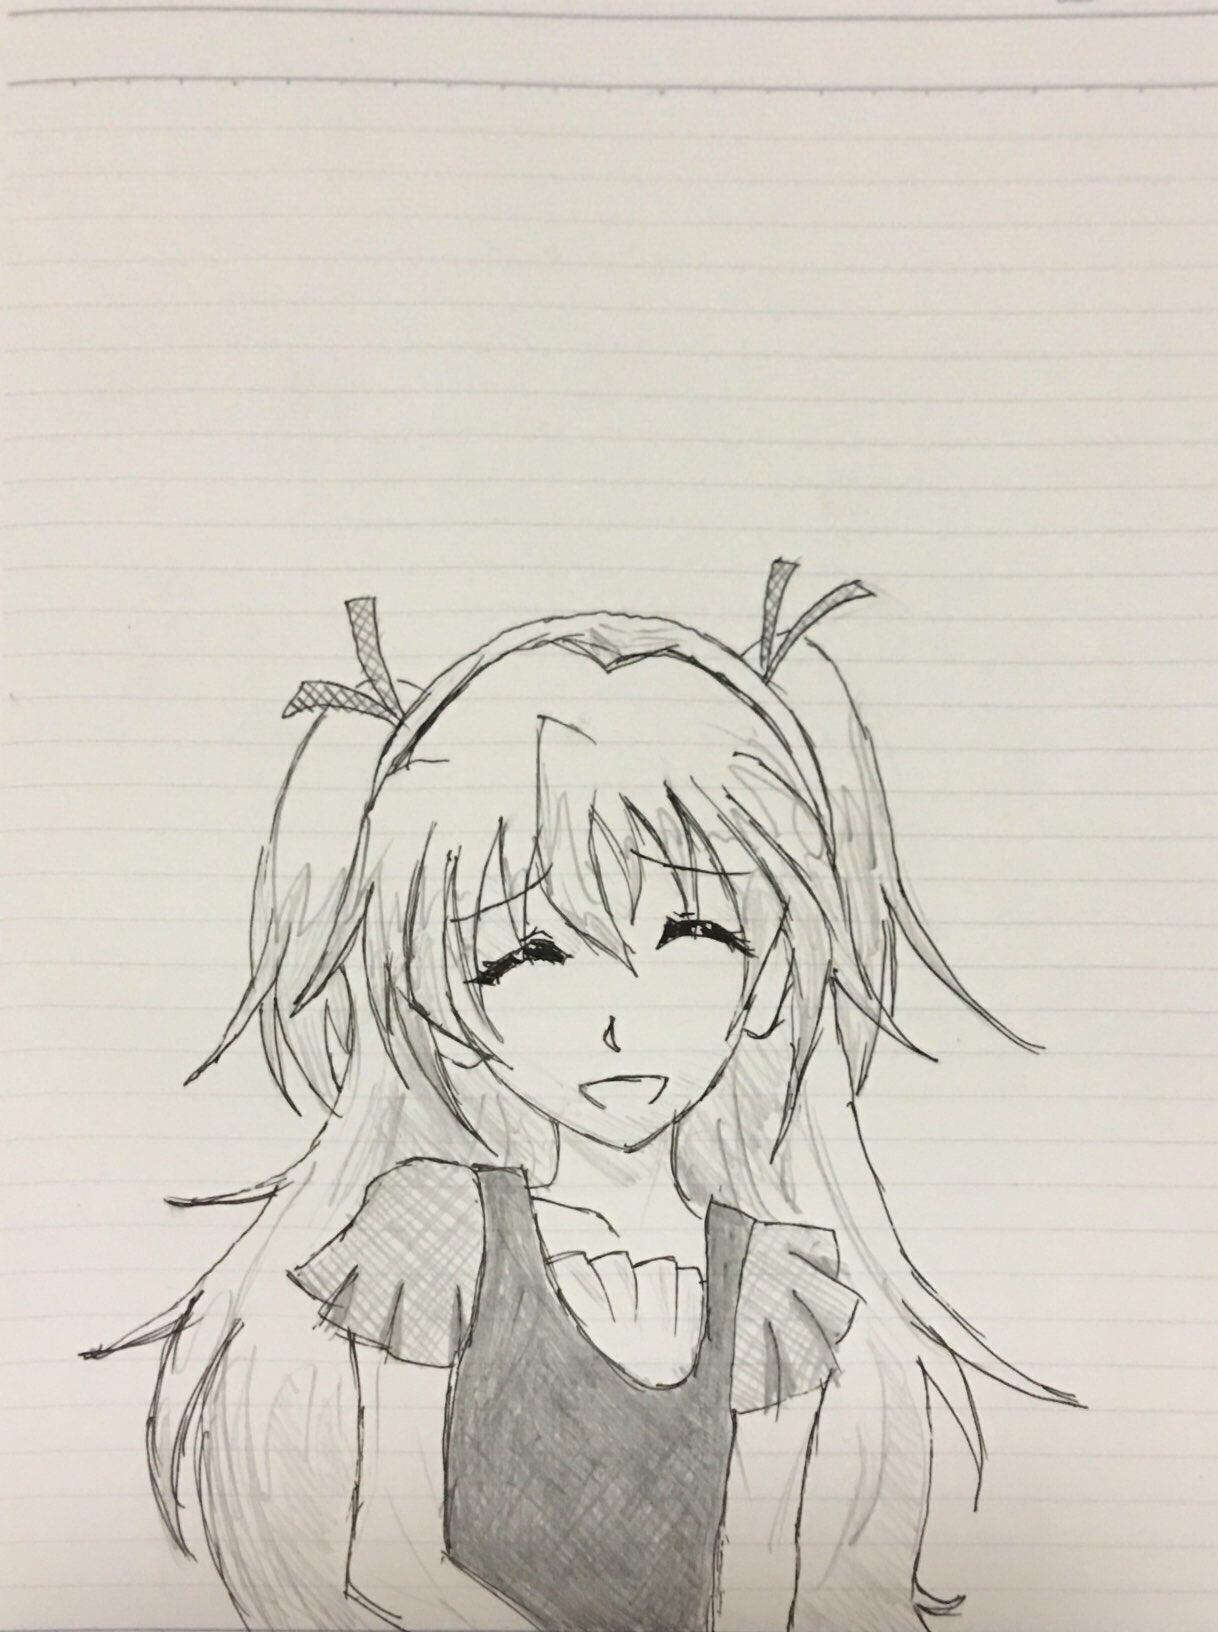 こが らし (@mtr_koga)さんのイラスト